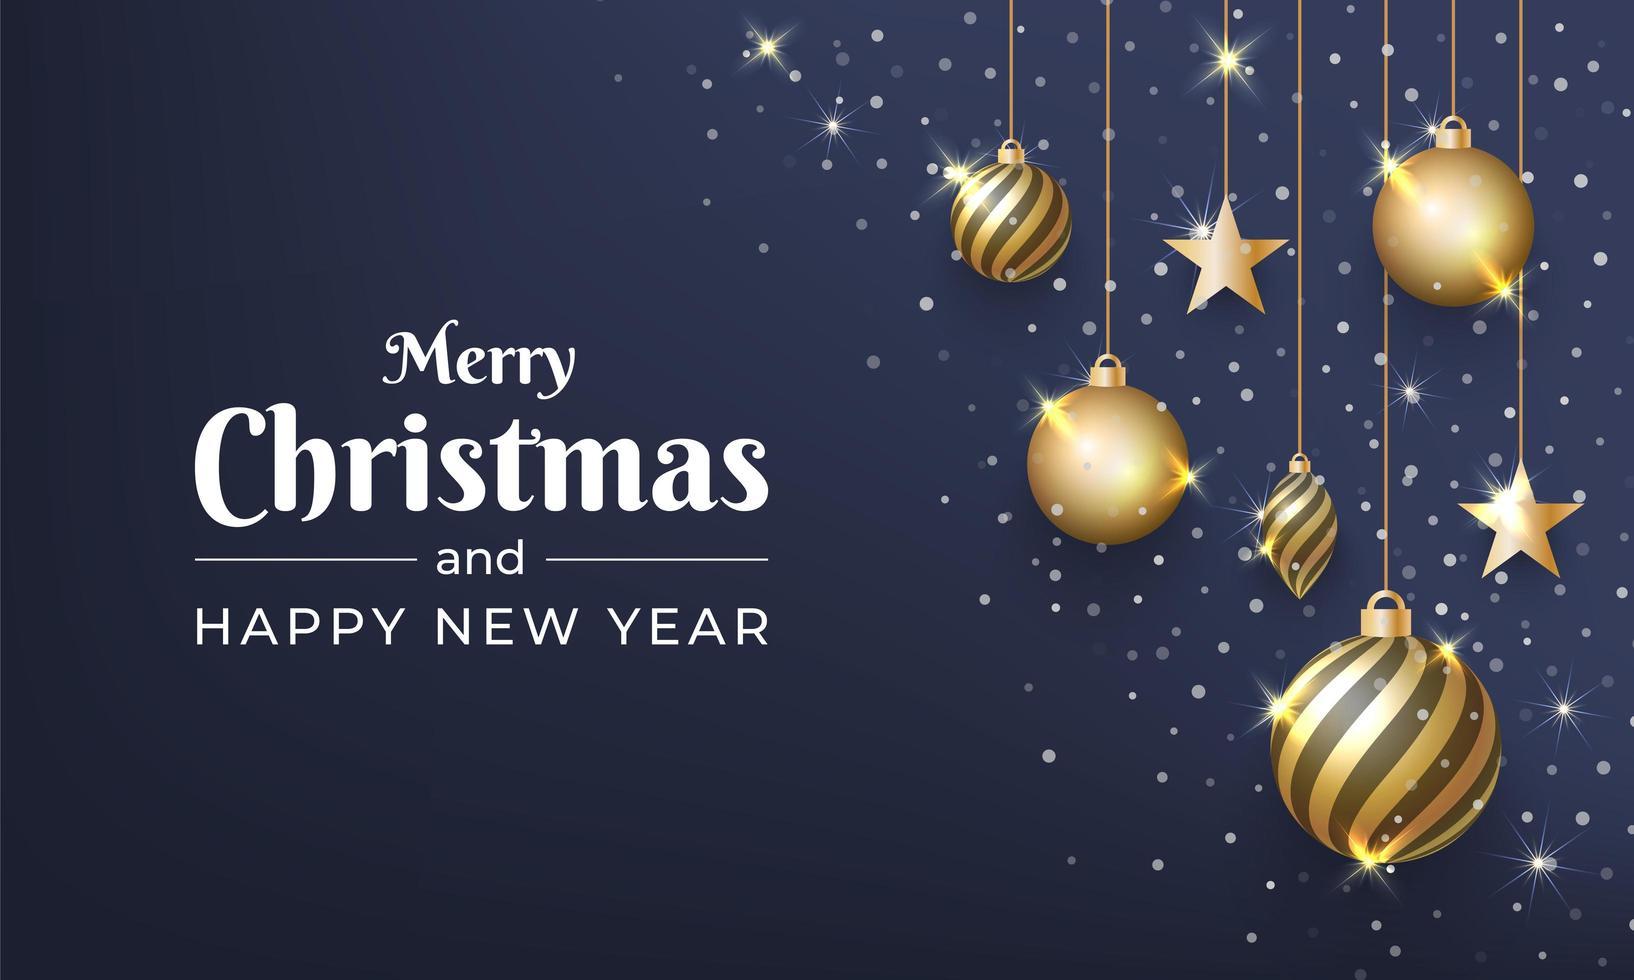 feliz natal com enfeite de bola de ouro brilhante vetor